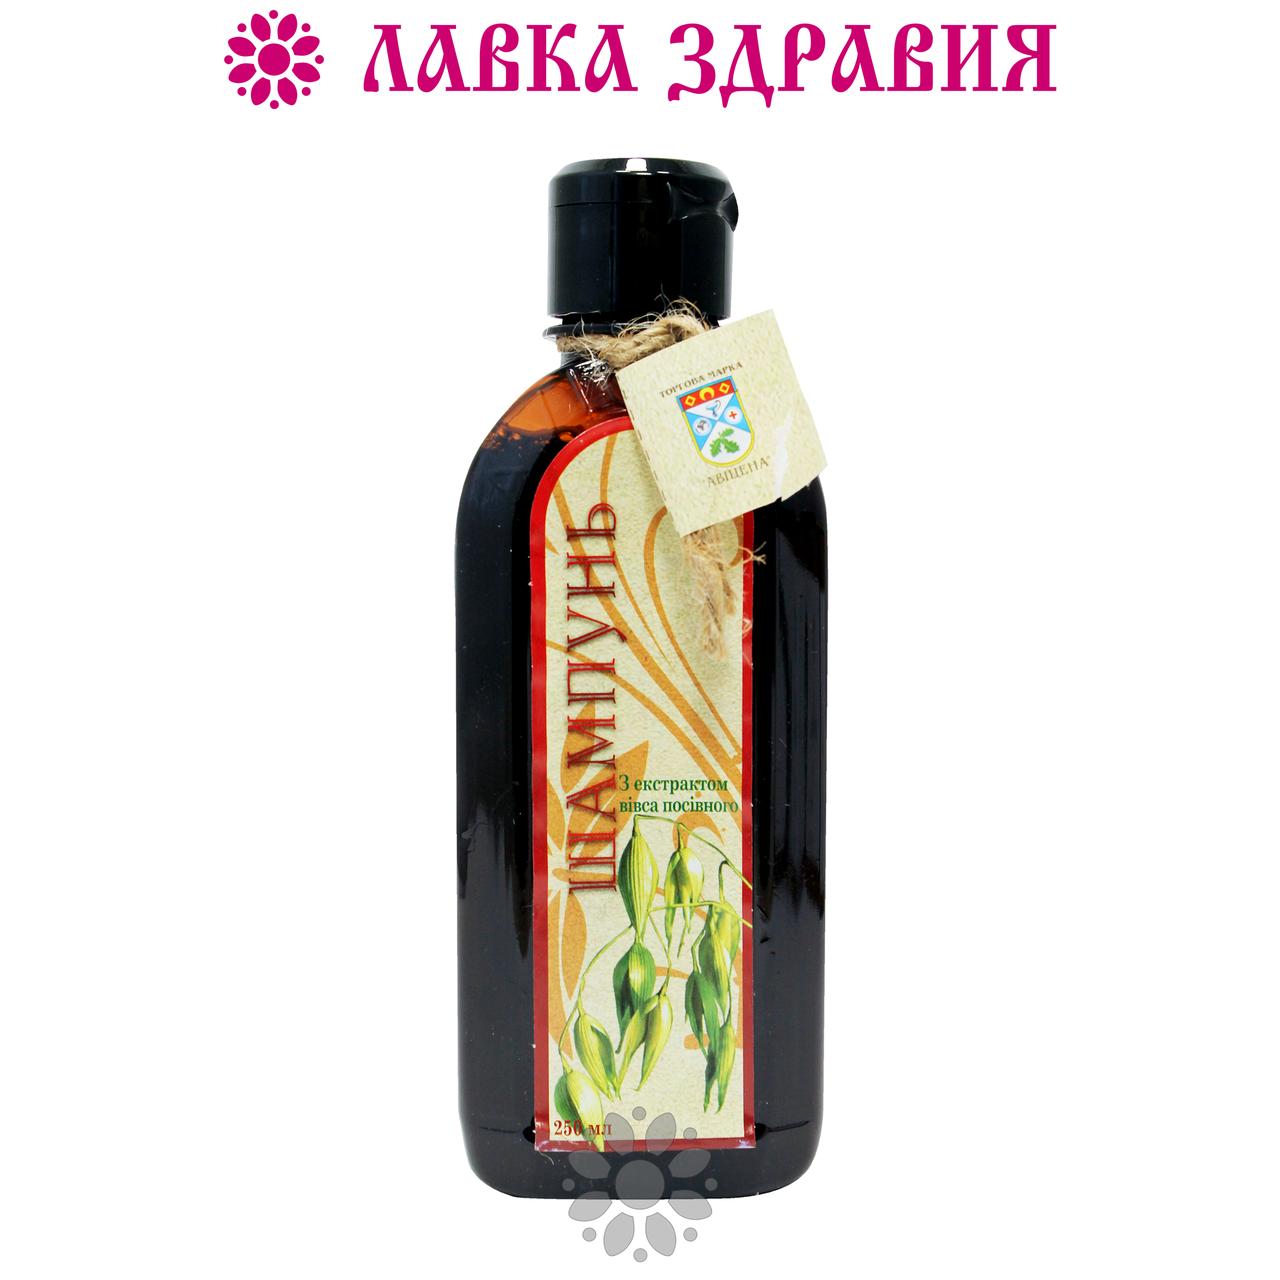 Лечебный шампунь с экстрактом овса, 250 мл, Авиценна